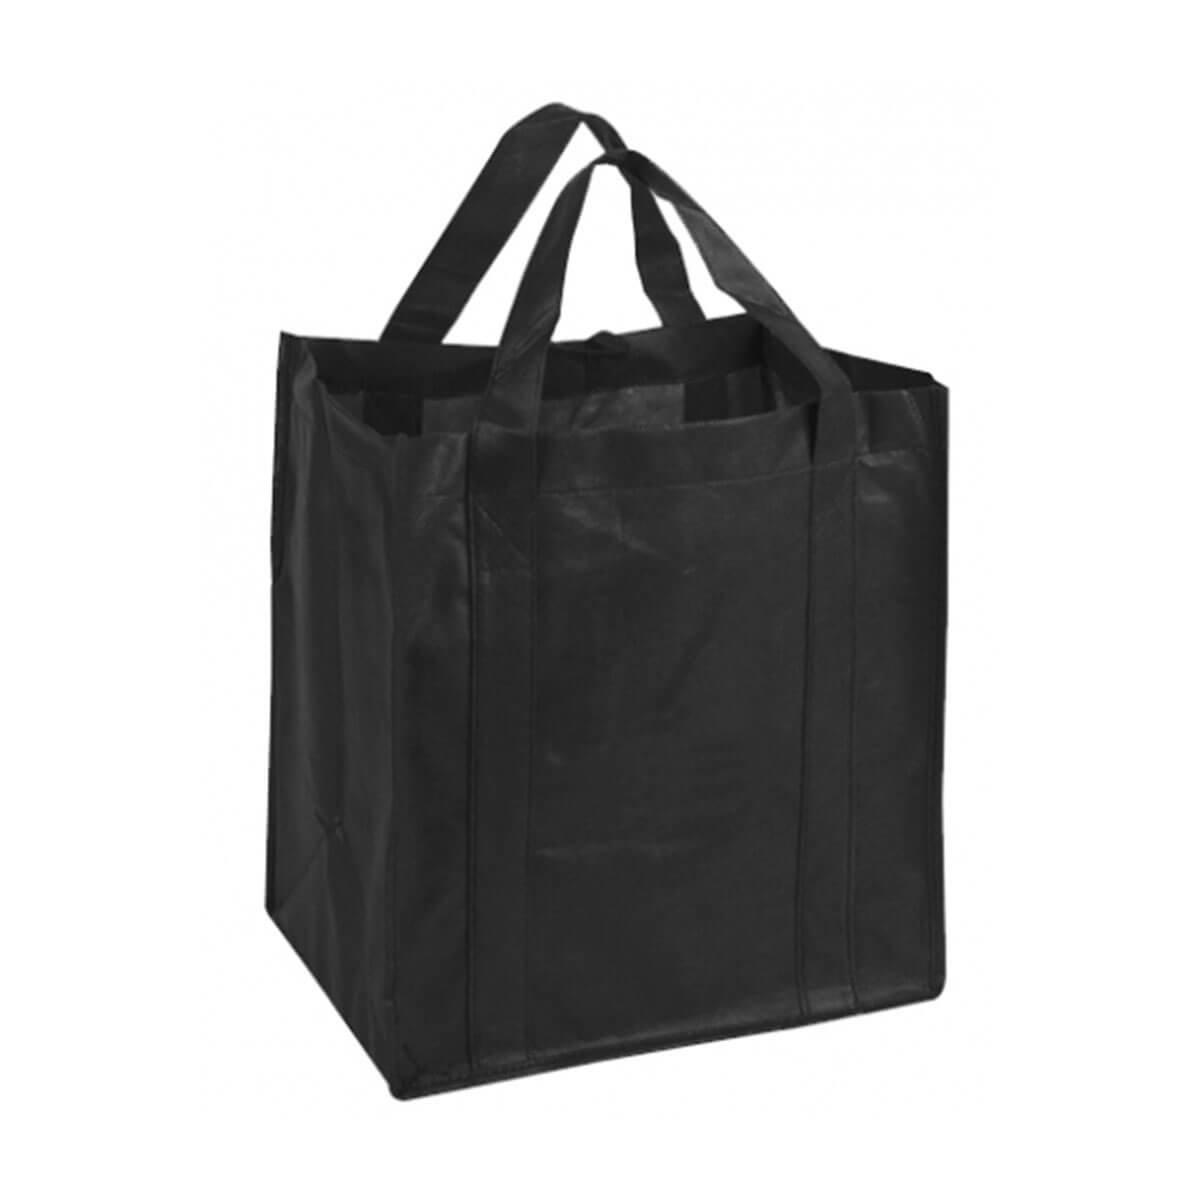 Non-Woven Shopping Bag-Black